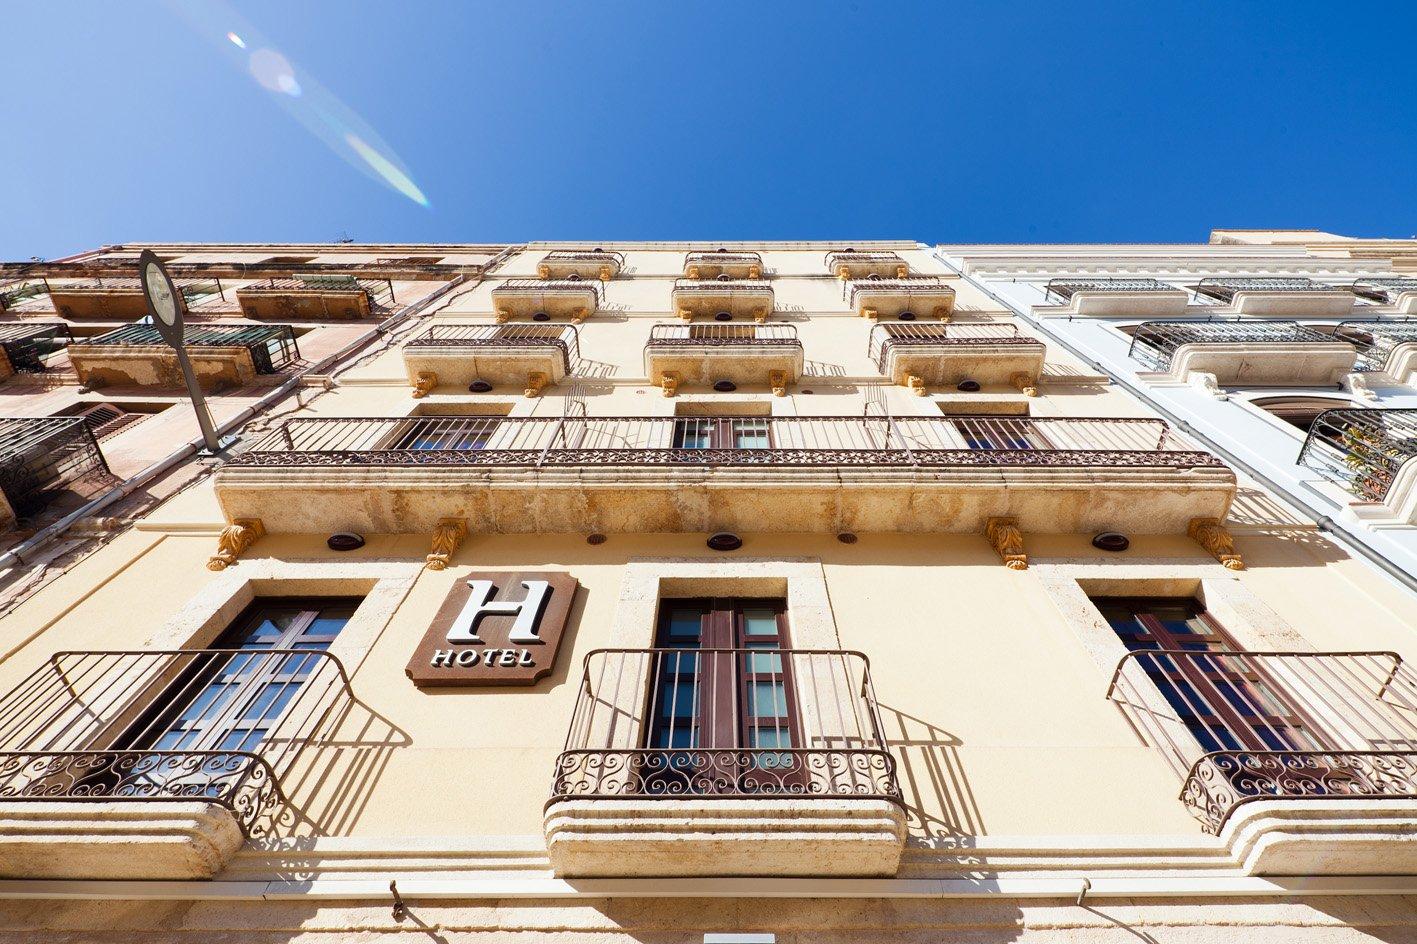 hotel_la_fontnombre_del_documento_18-38bdbf486be1bf8c87b420d5dac1240a